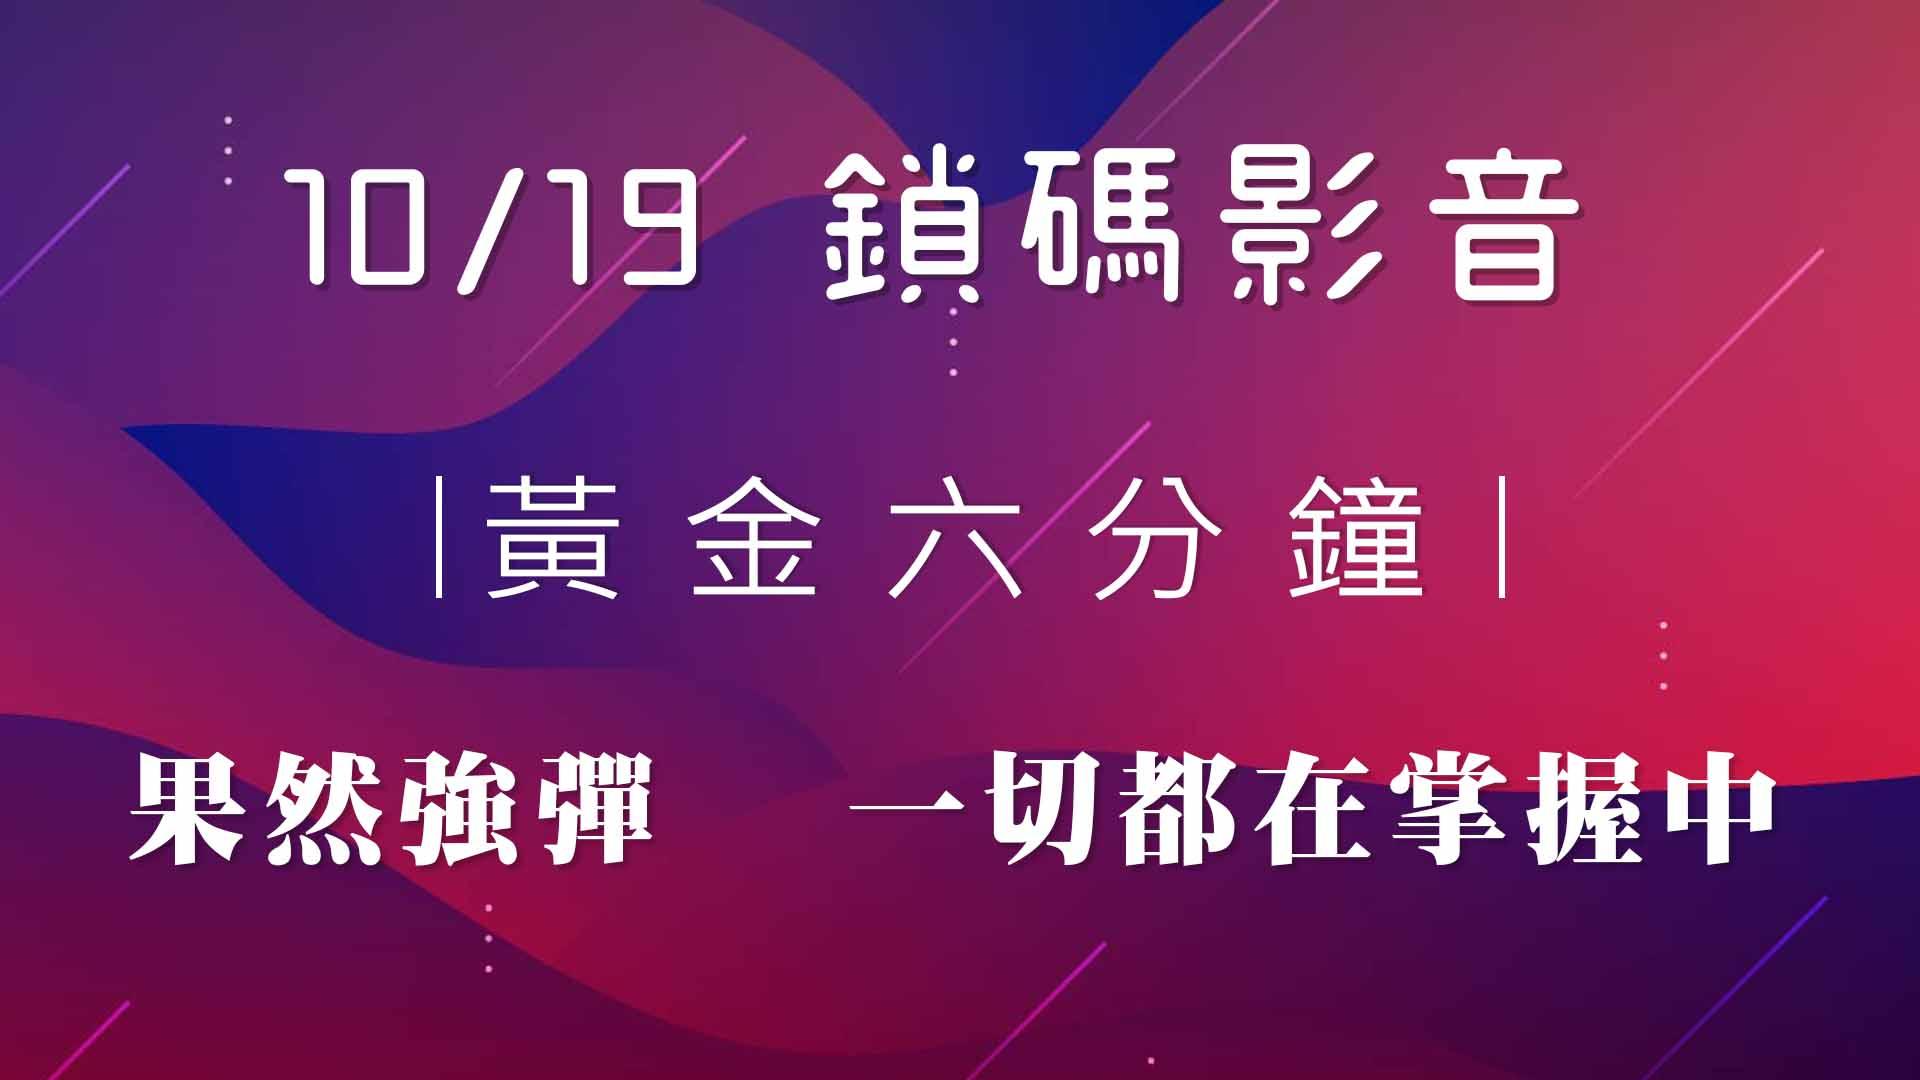 【王曈2020/10/19】鎖碼影音(試看)